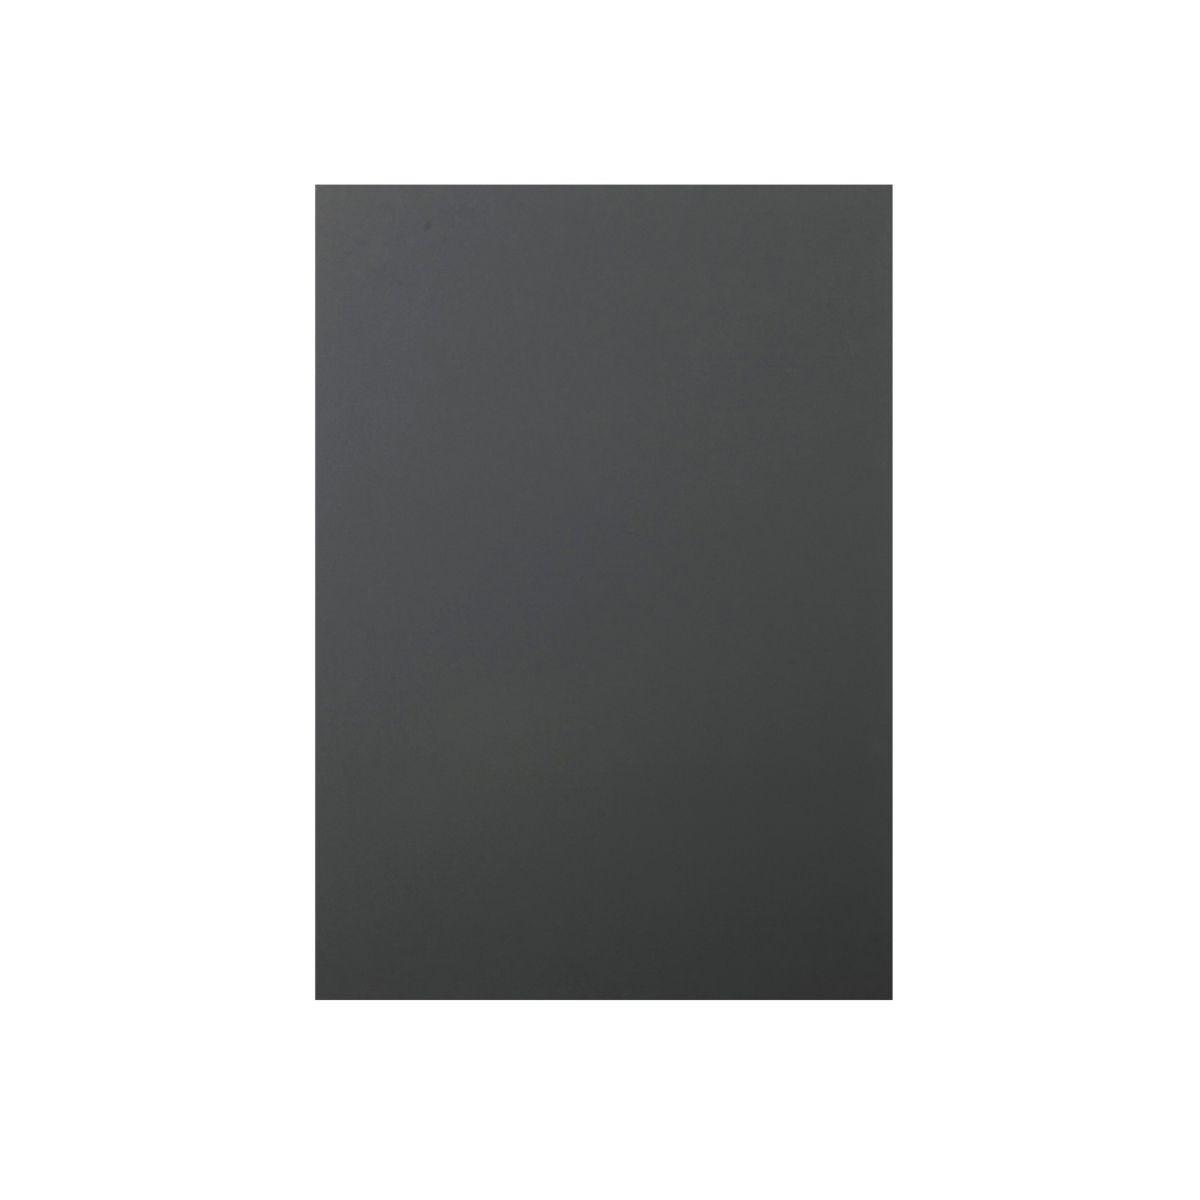 Cathedral Foam Board A2 5mm Single Sheet Black